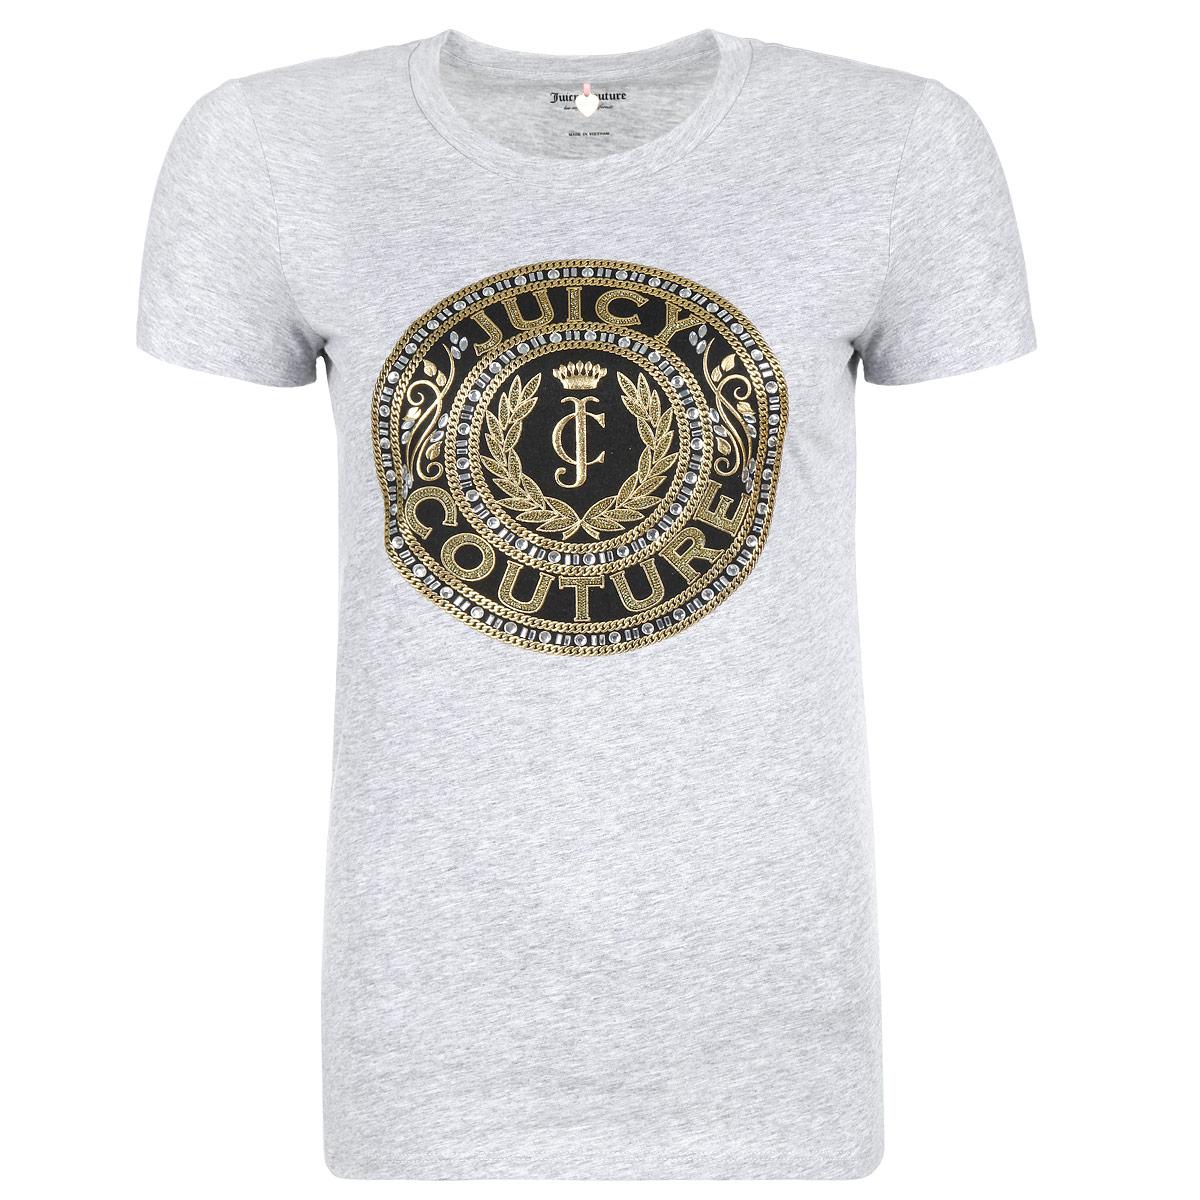 ФутболкаWTKT31342/049Стильная женская футболка Juicy Couture, выполненная из высококачественного хлопка, обладает высокой теплопроводностью, воздухопроницаемостью и гигроскопичностью, позволяет коже дышать. Модель с короткими рукавами и круглым вырезом - идеальный вариант для создания образа в стиле Casual. Футболка оформлена стильным дизайном в виде печати, украшенной золотистой вышивкой и стразами. Такая модель подарит вам комфорт в течение всего дня и послужит замечательным дополнением к вашему гардеробу.